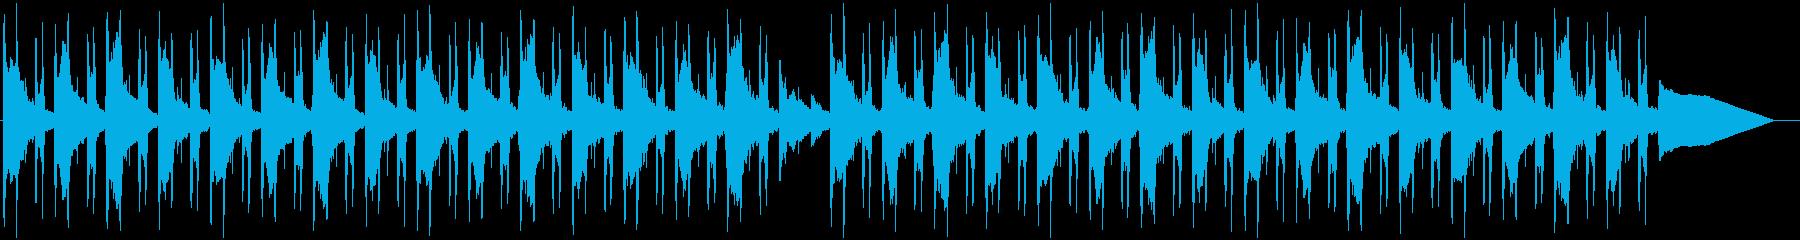 【LOFI HIPHOP】深夜集中Fの再生済みの波形